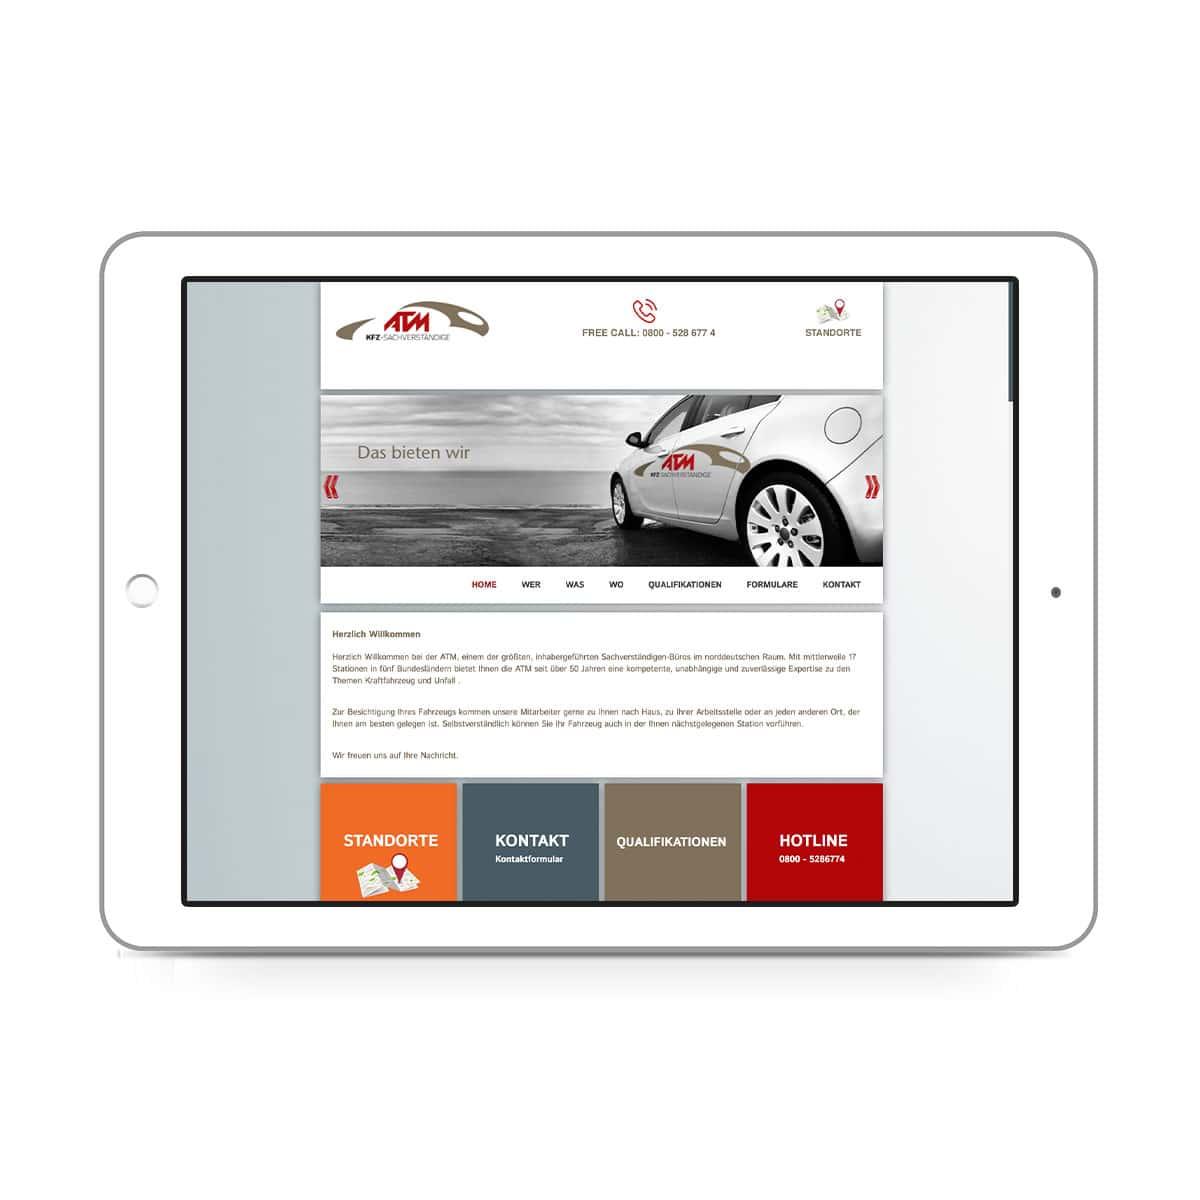 ATM-expert Dipl.-Ing. Staisch GmbH - Startseite